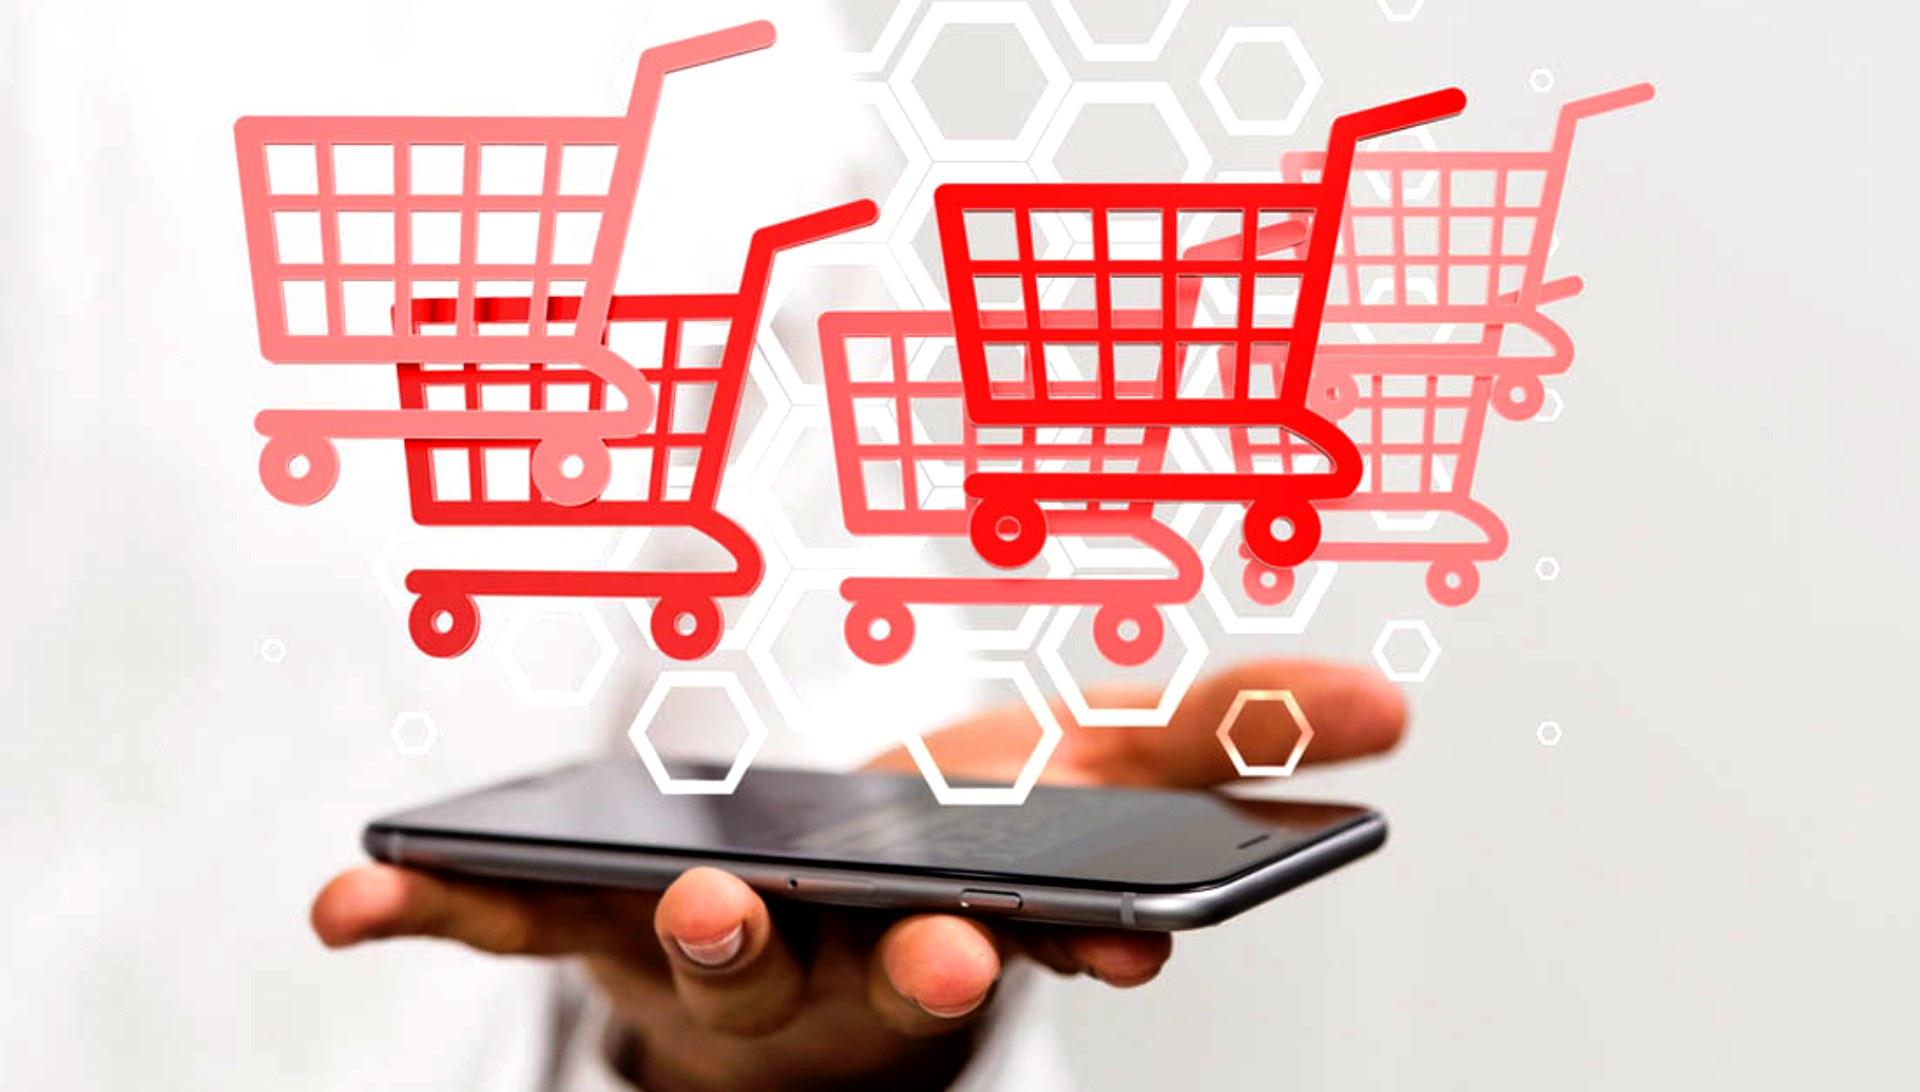 Comprar en línea con tu celular